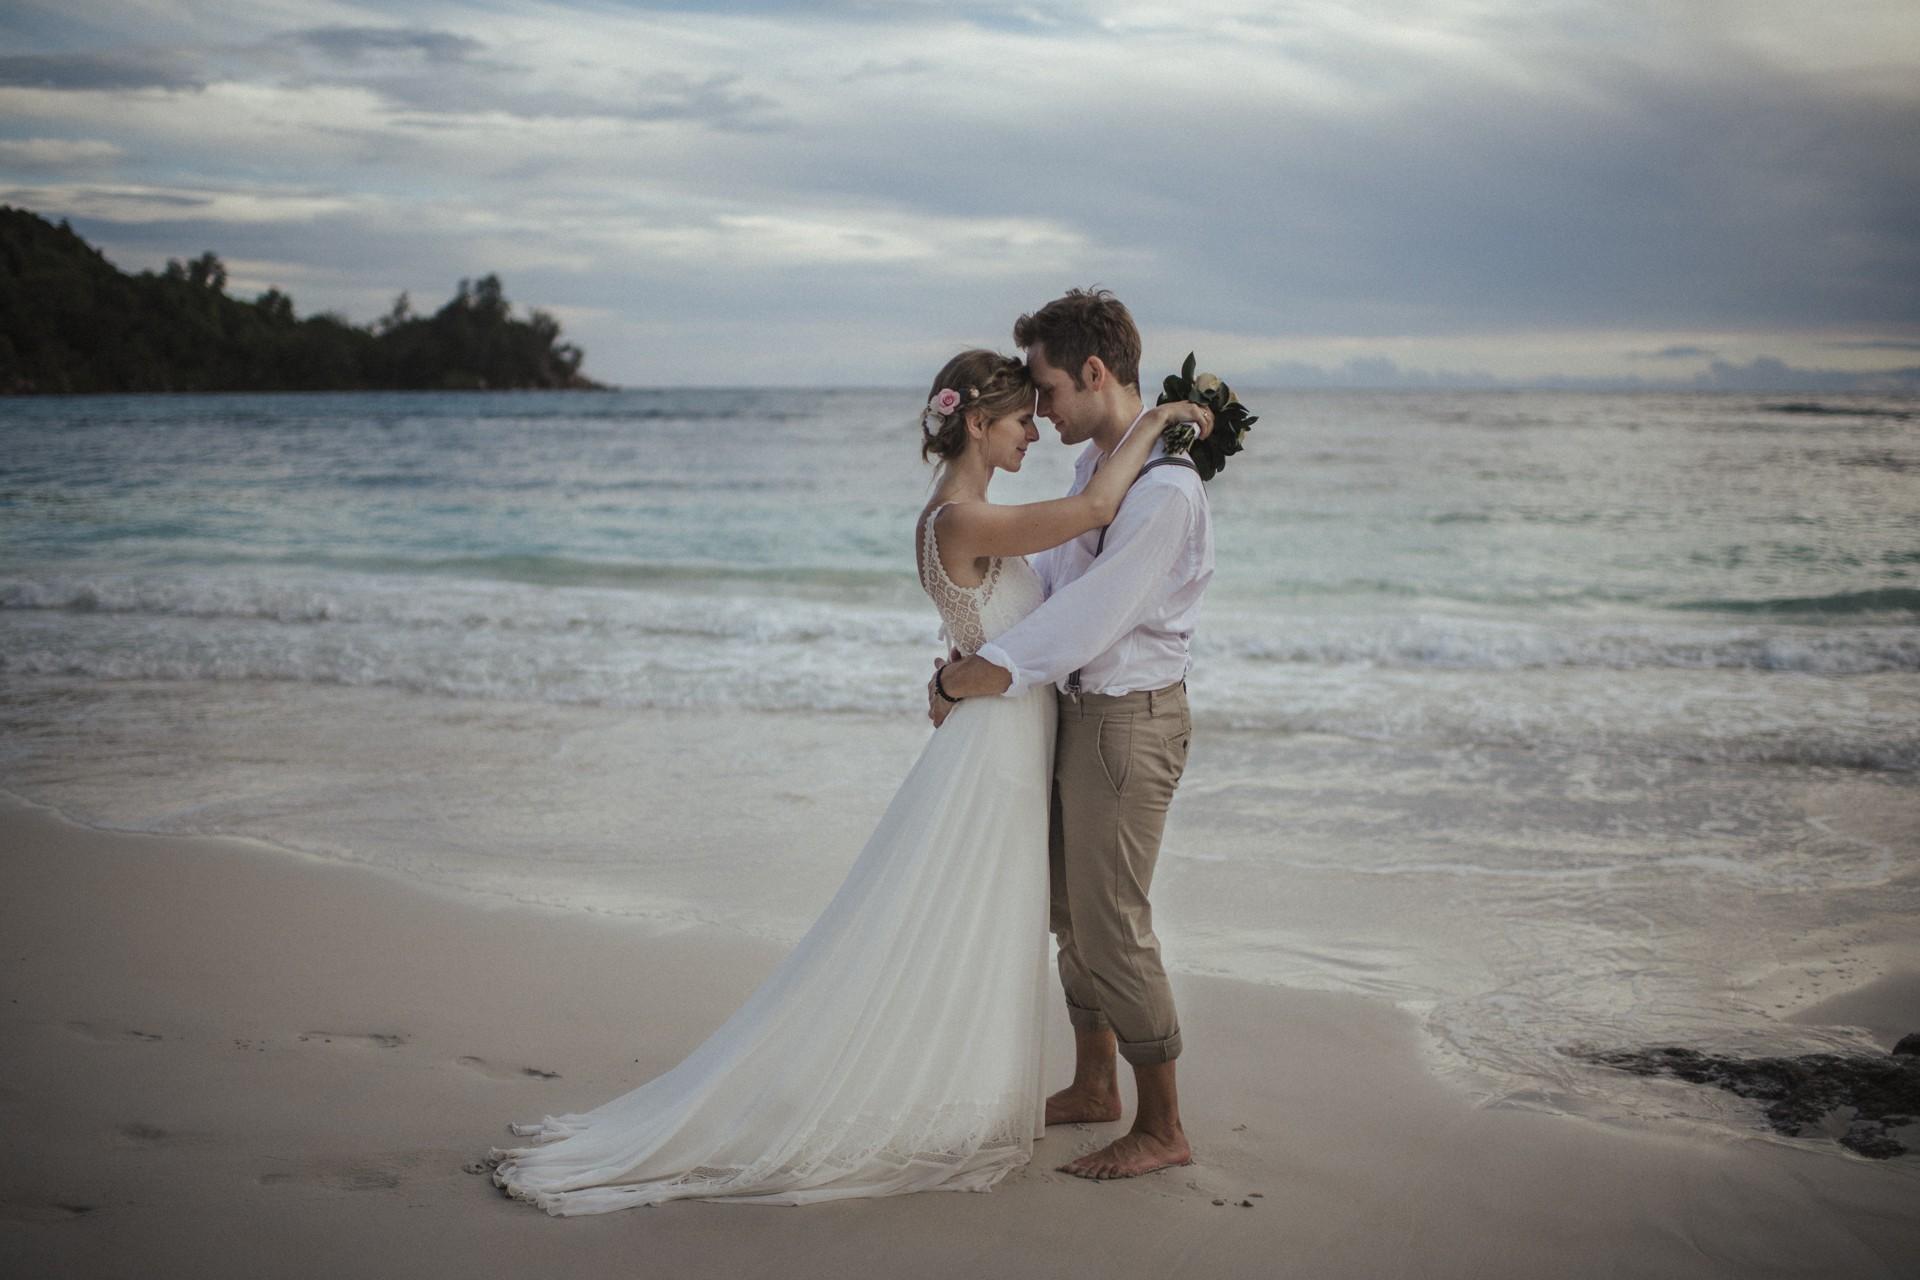 hochzeitsfotos-bkm-seychellen1